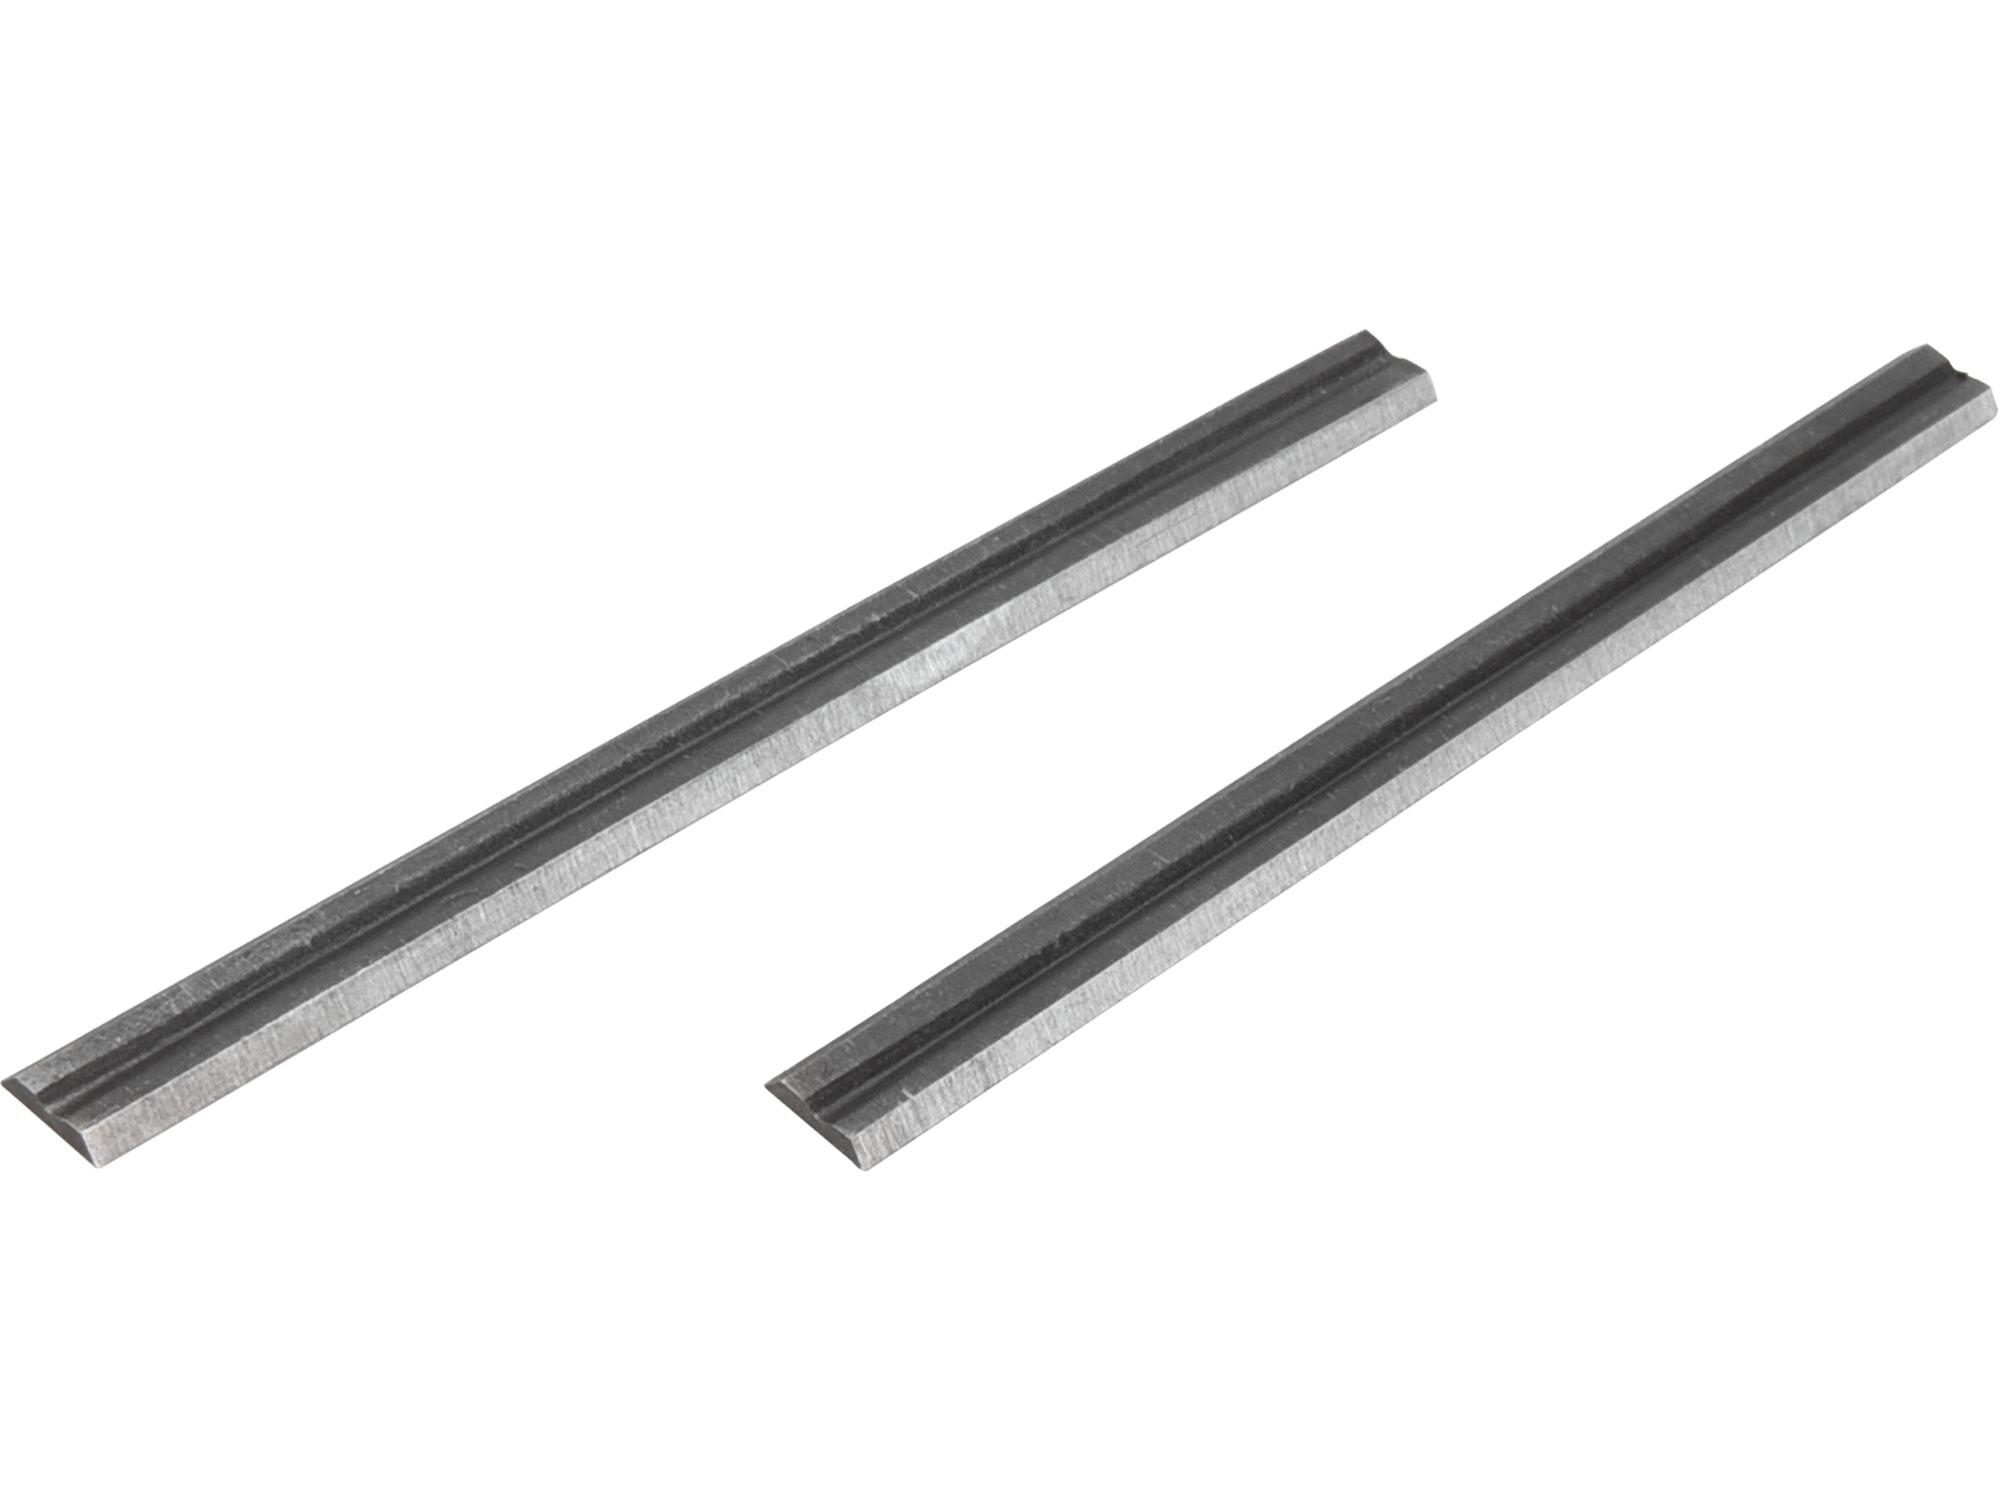 HSS hoblovací nože 2ks, 82x5,7x1mm EXTOL PREMIUM 8893402A